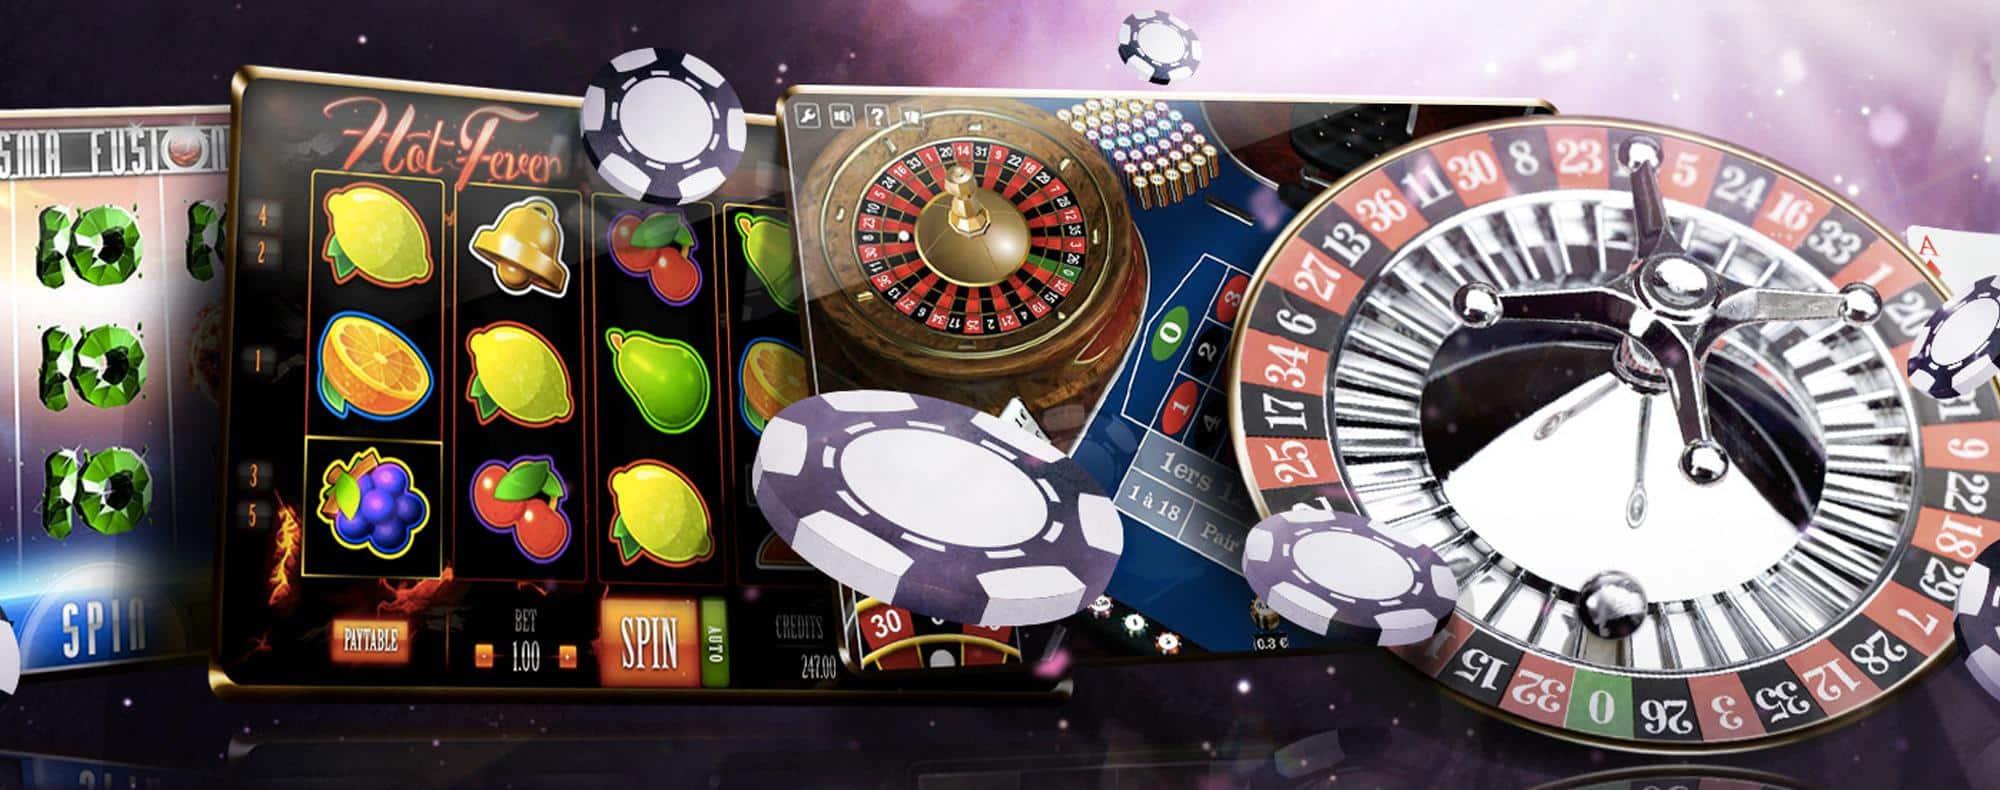 Promozioni Casino Online